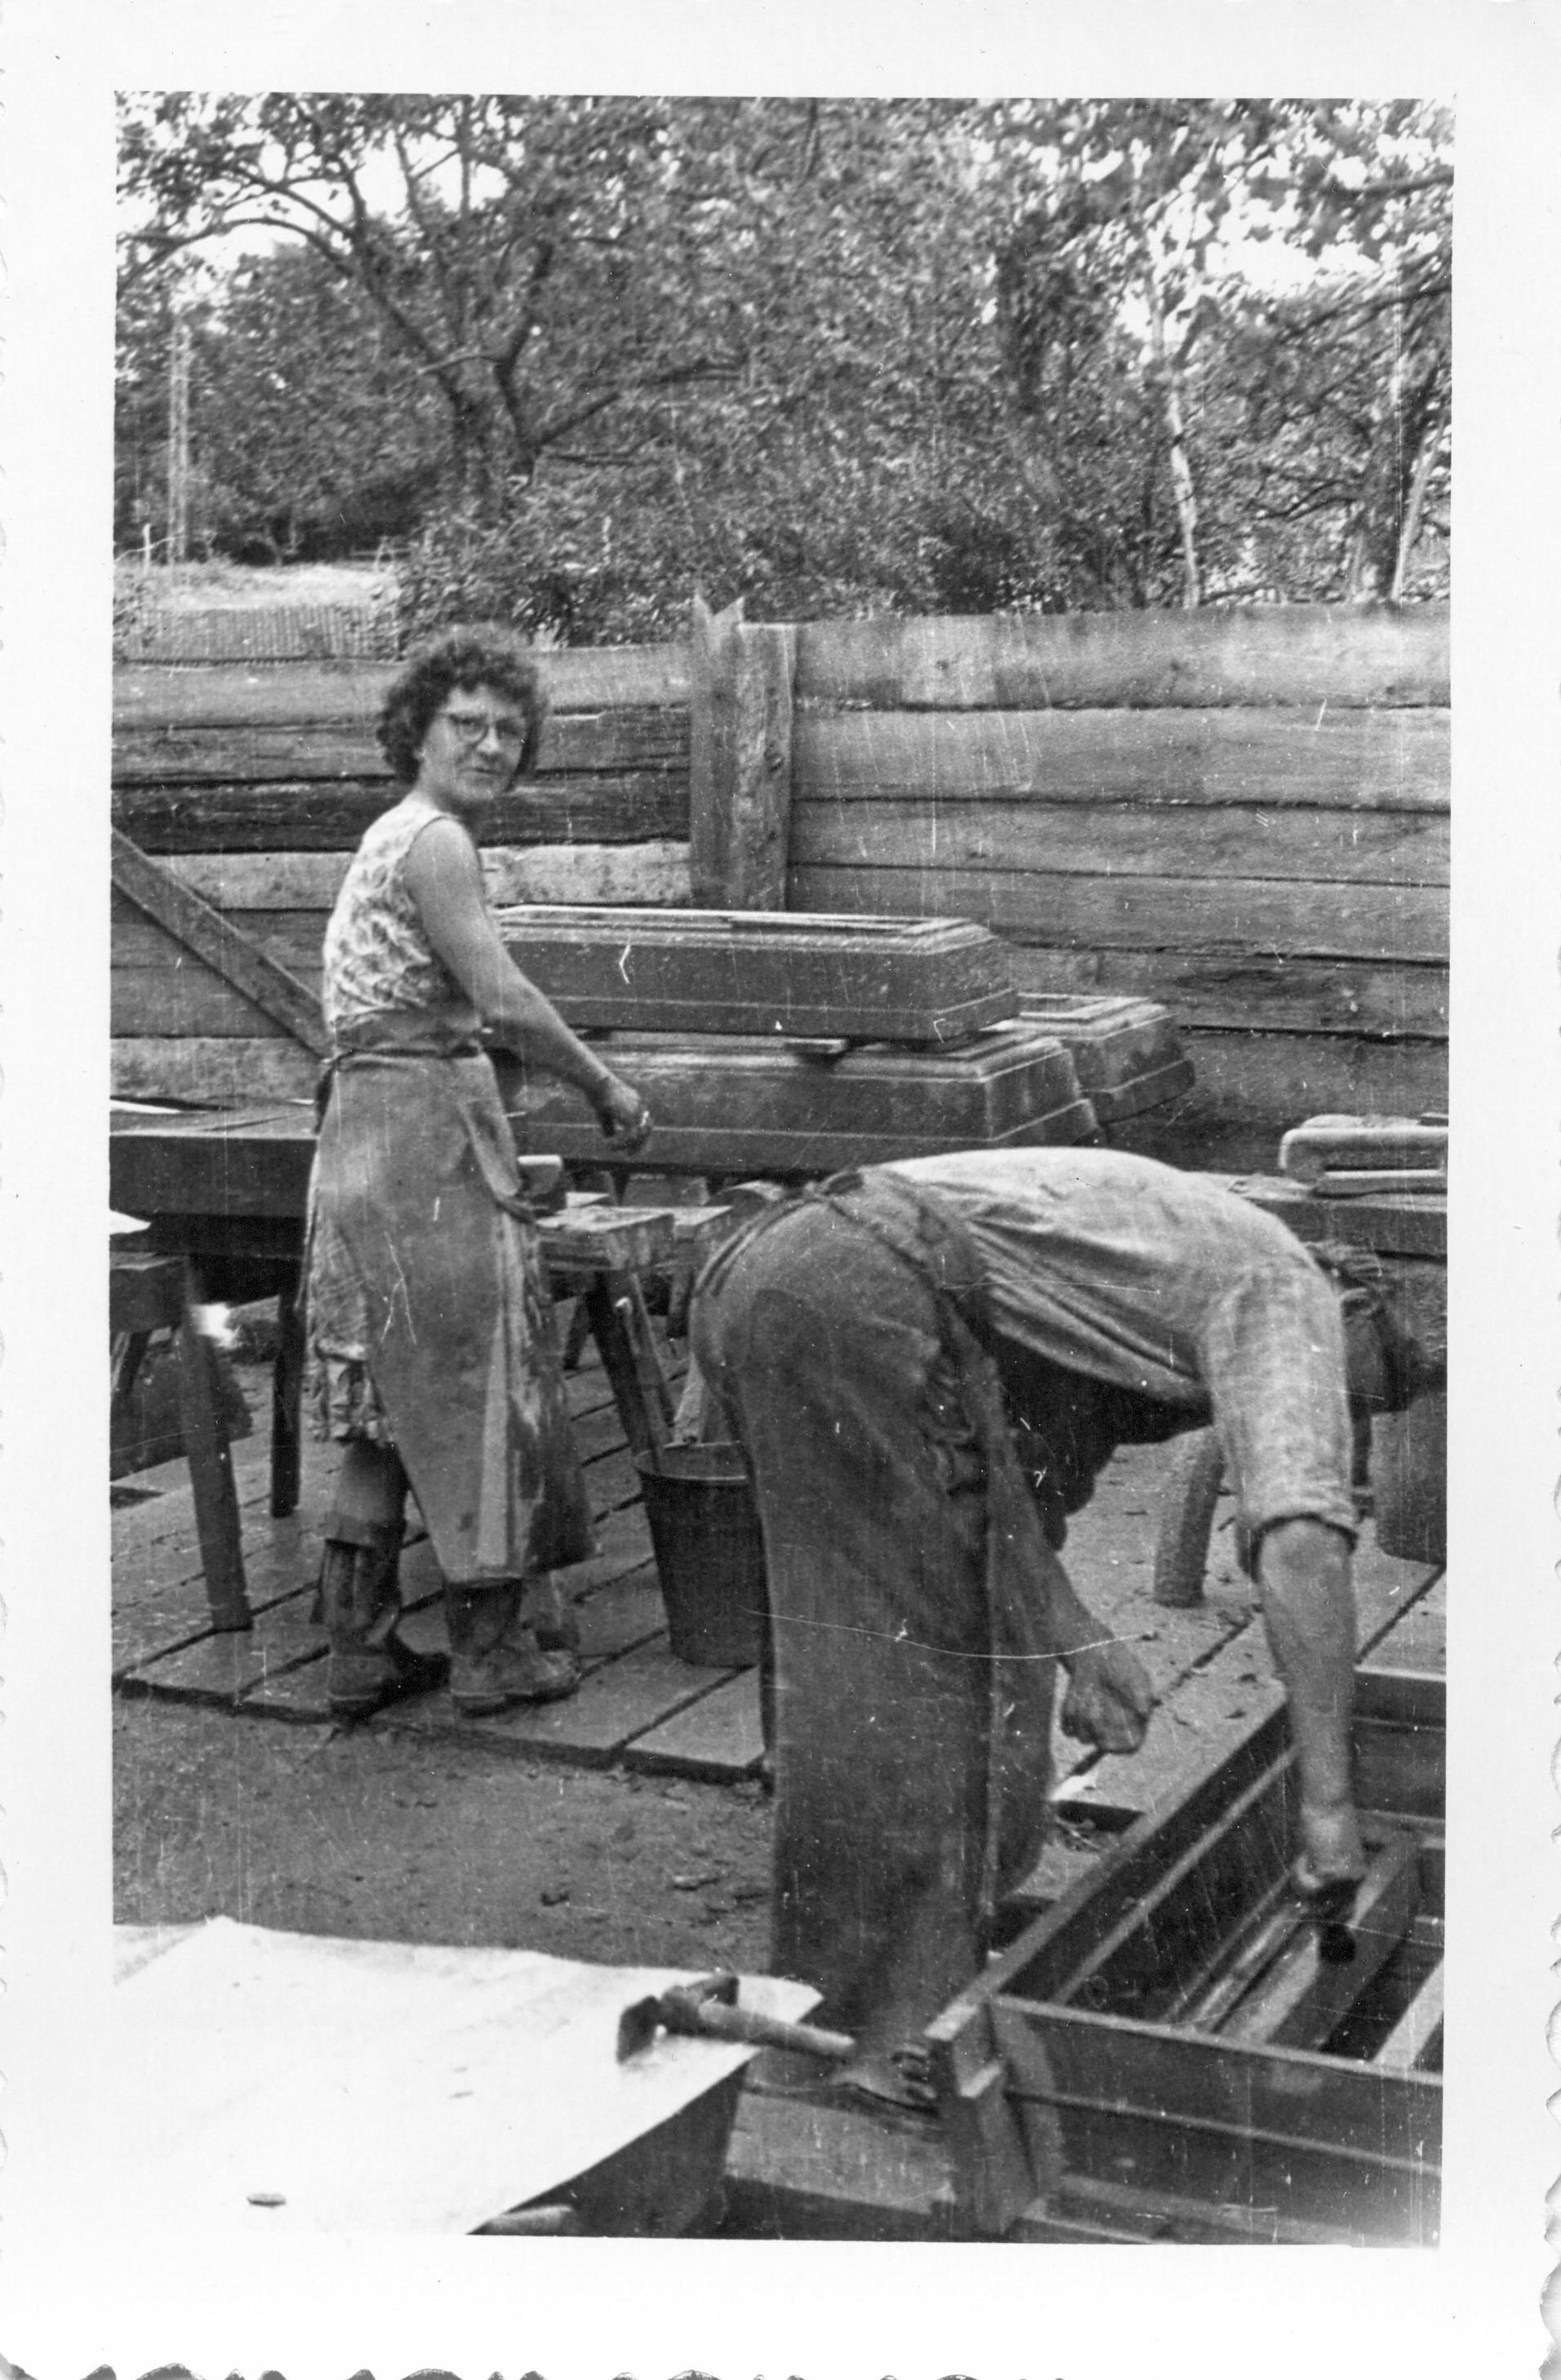 Talsu akmeņkaļa Jāņa Kiopa darbnīcā, 1930. gadu beigās. Jānis un Lidija (Jāņa meita) Kiopi darbā.